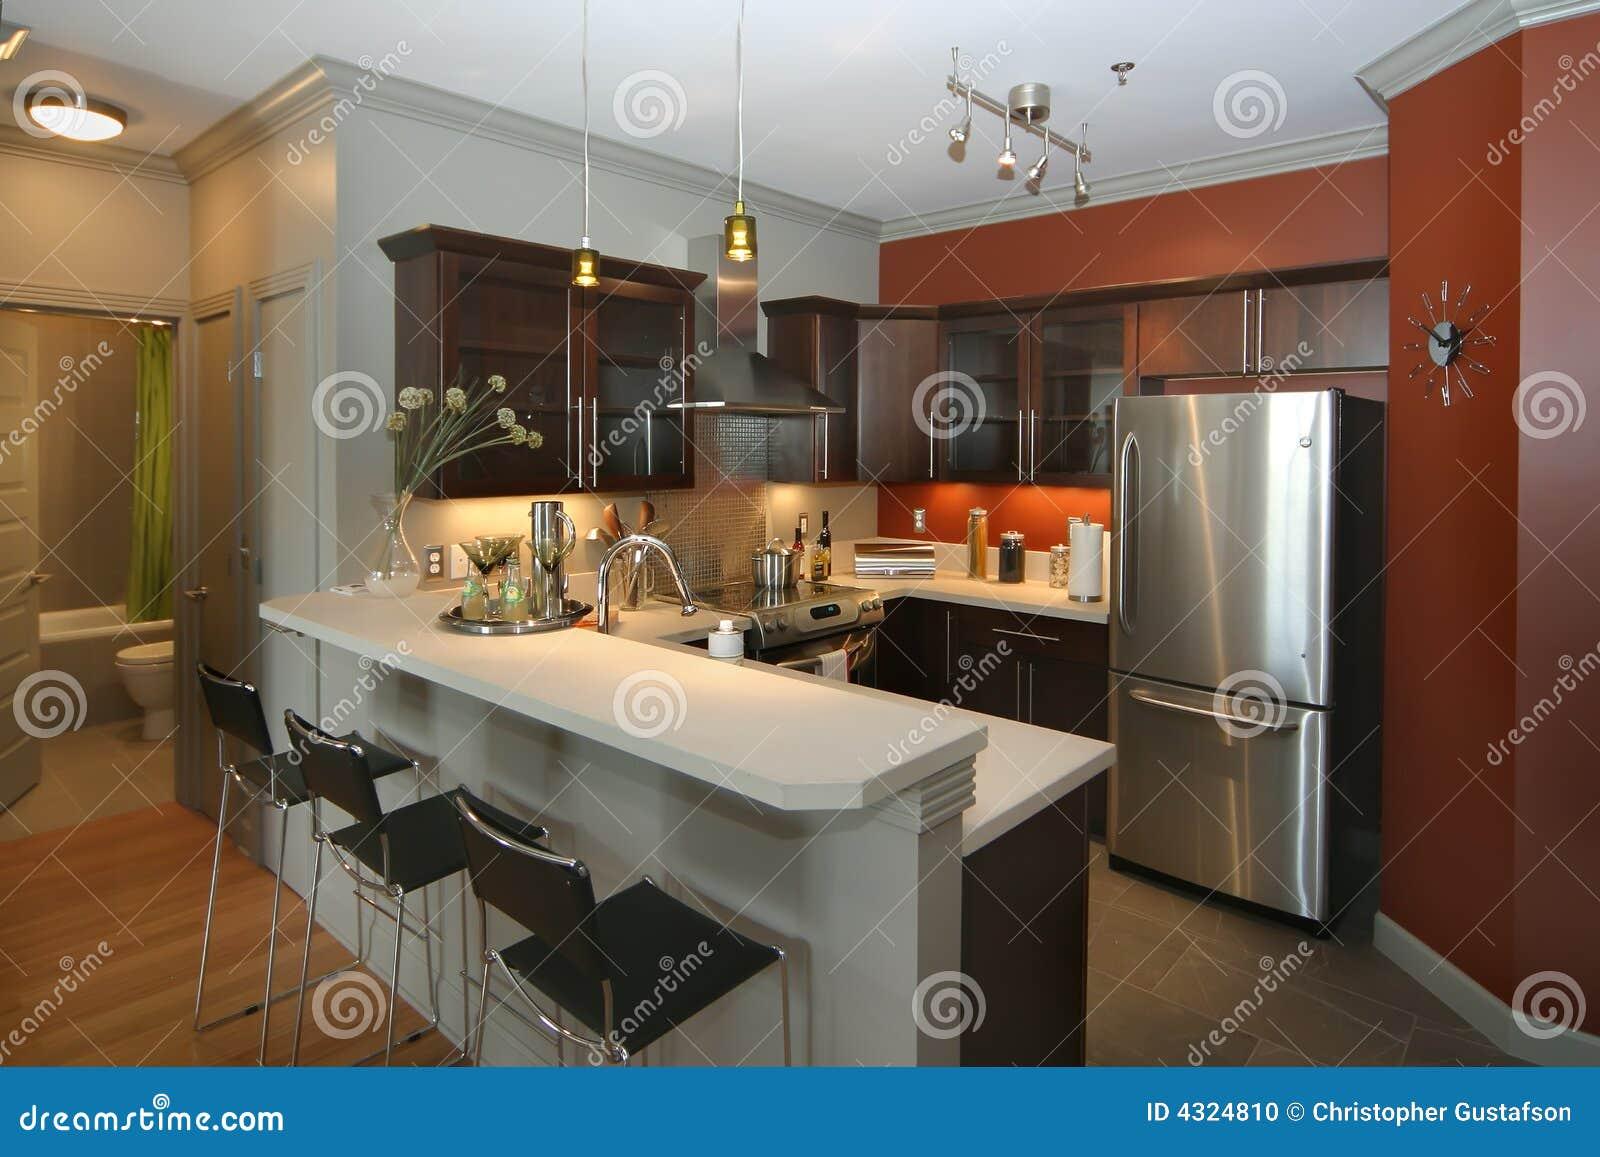 Cuisine moderne avec la zone de bar photo stock image 4324810 - Cuisine de bar ...